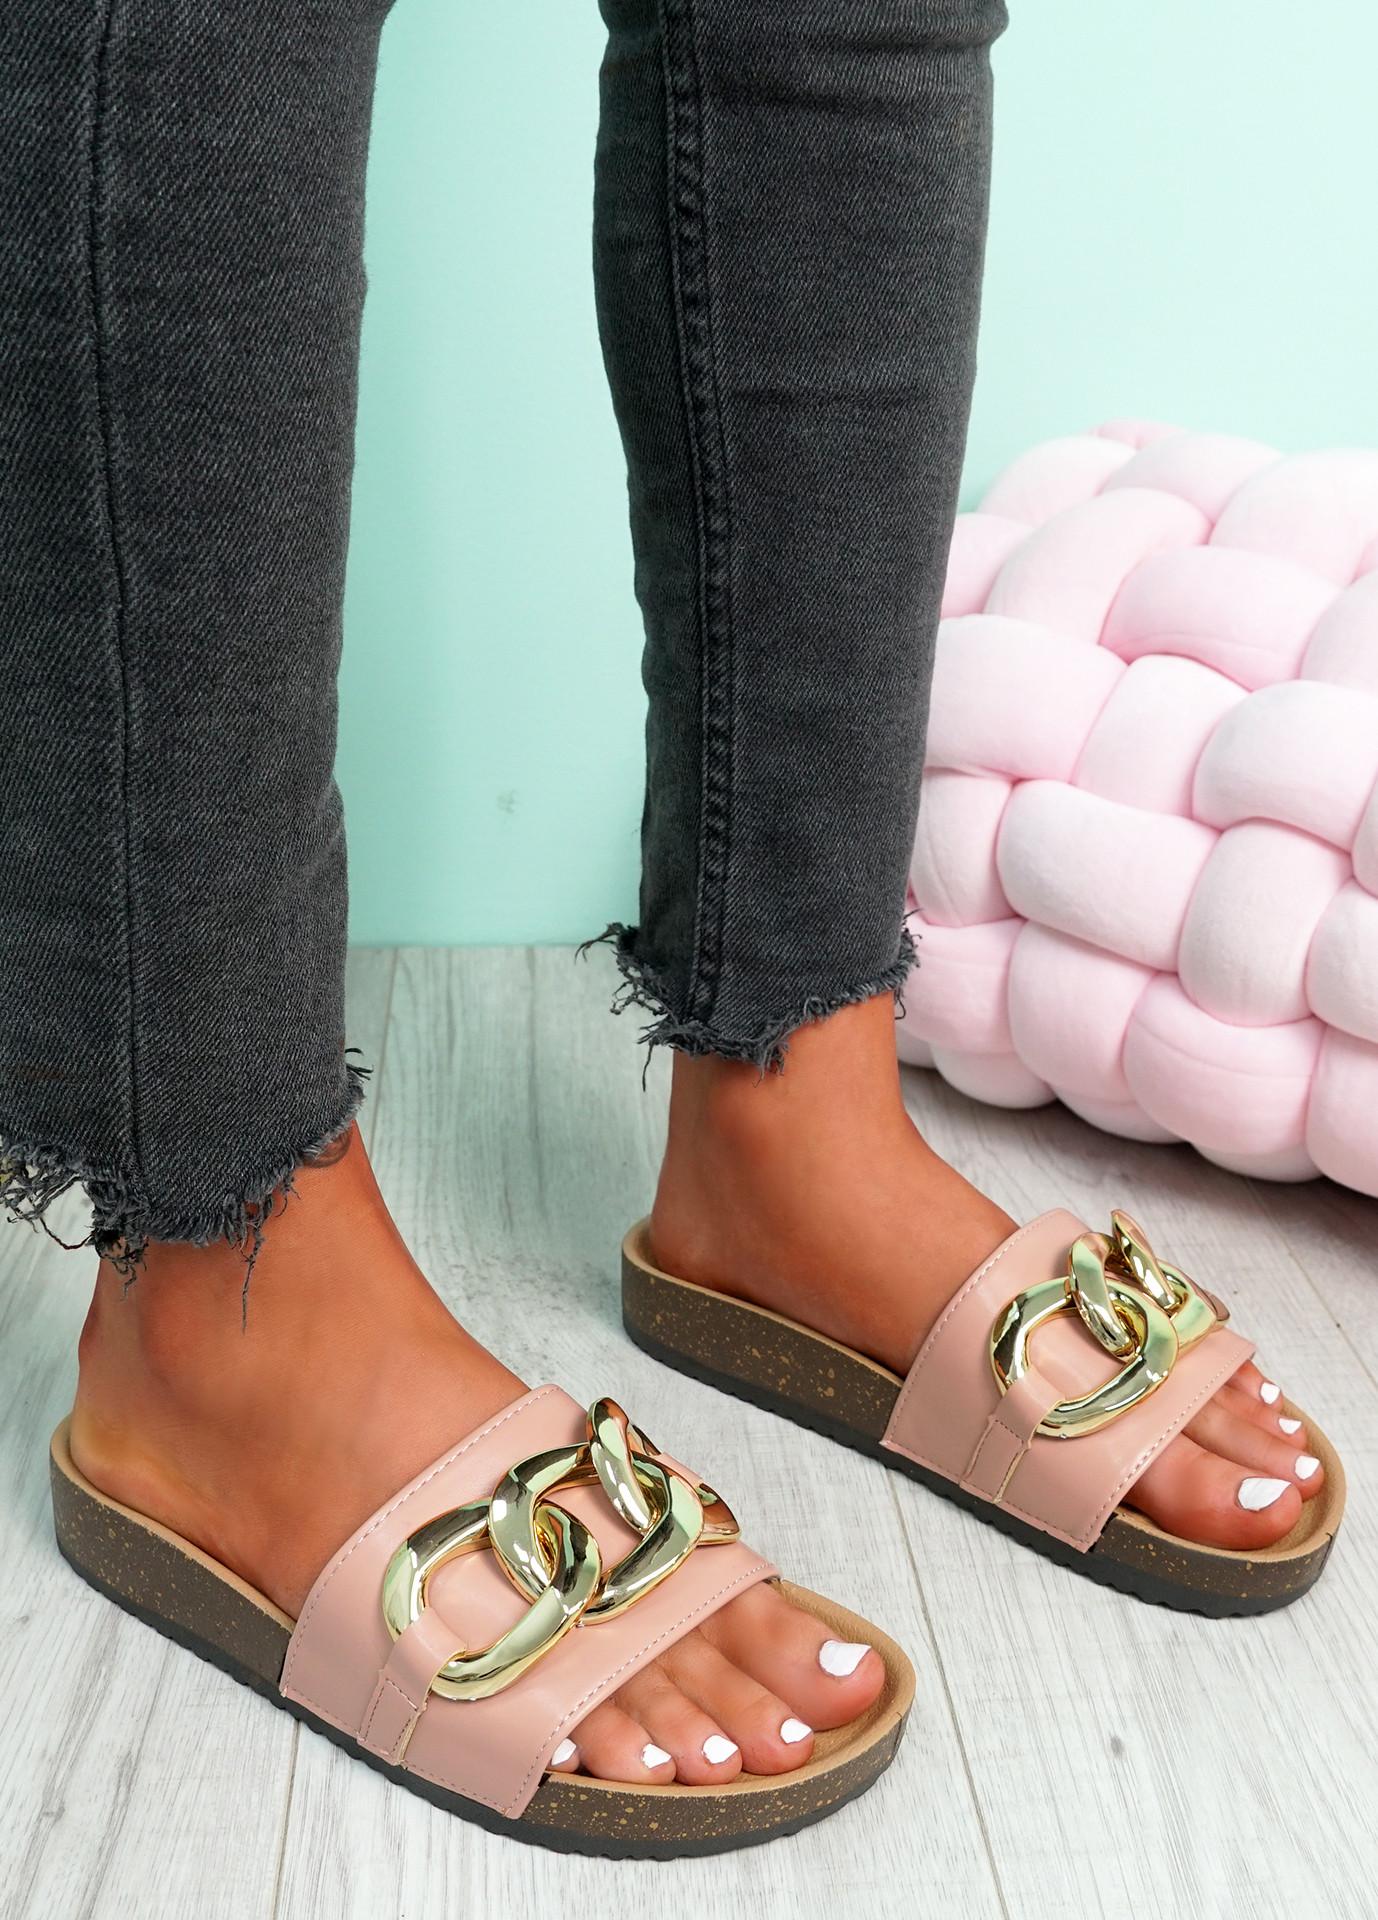 Samma Pink Platform Chain Sandals